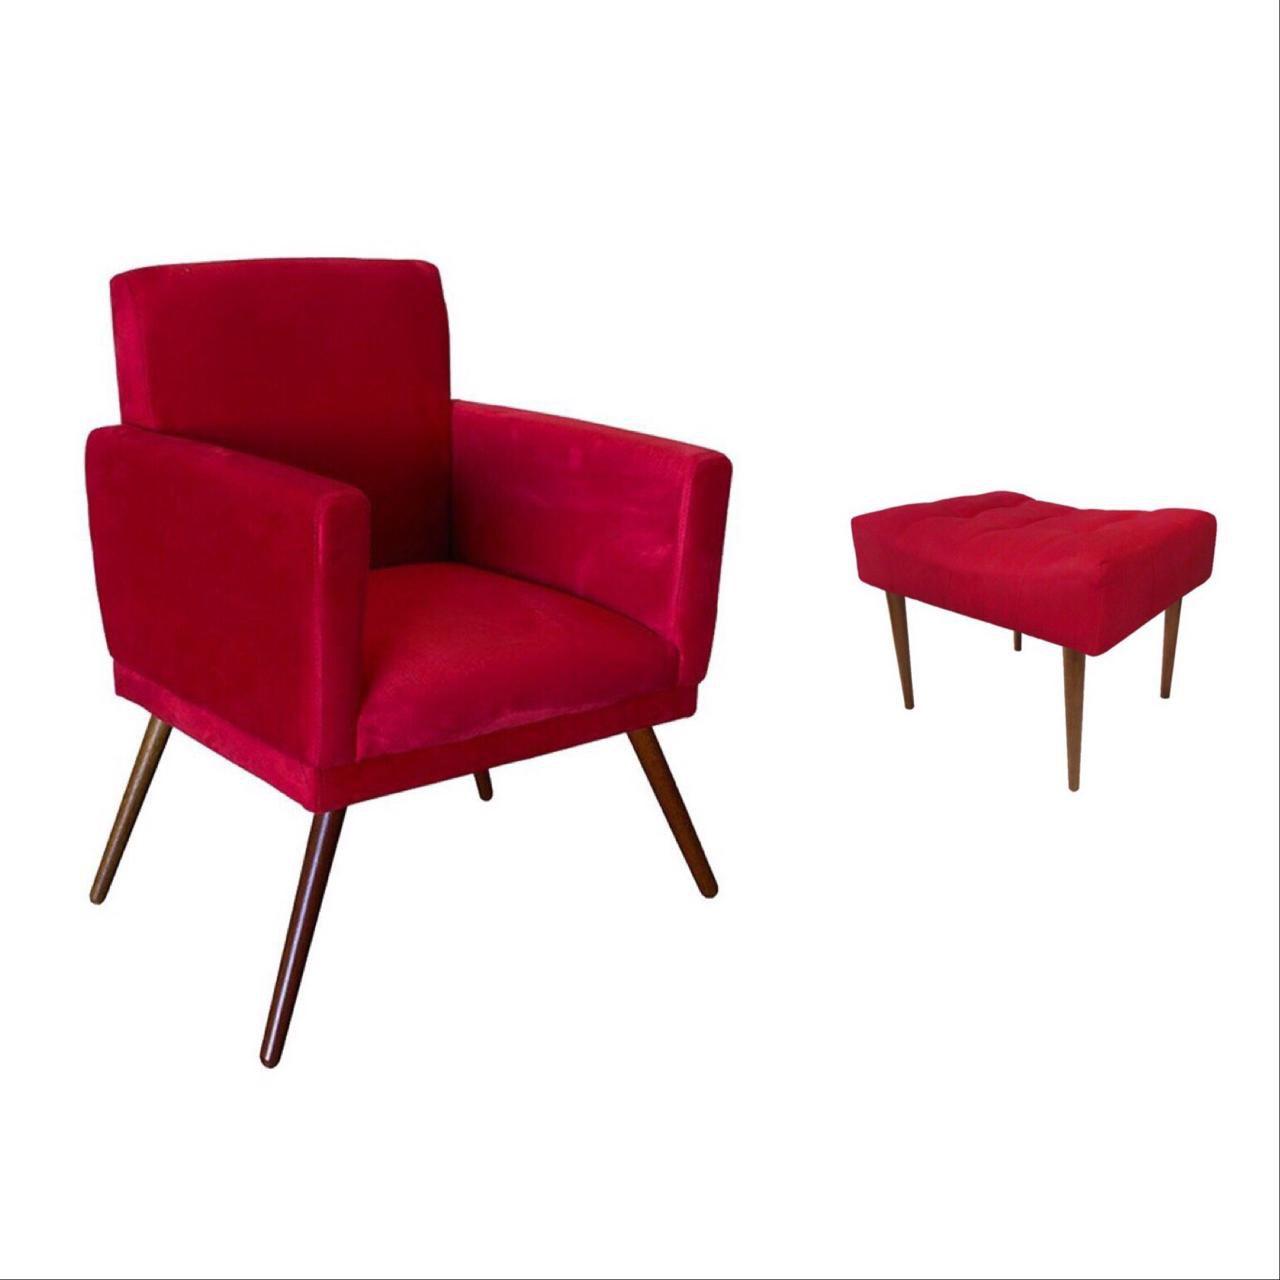 Kit Poltrona Decorativa Nina com rodapé e Puff retangular Vermelho